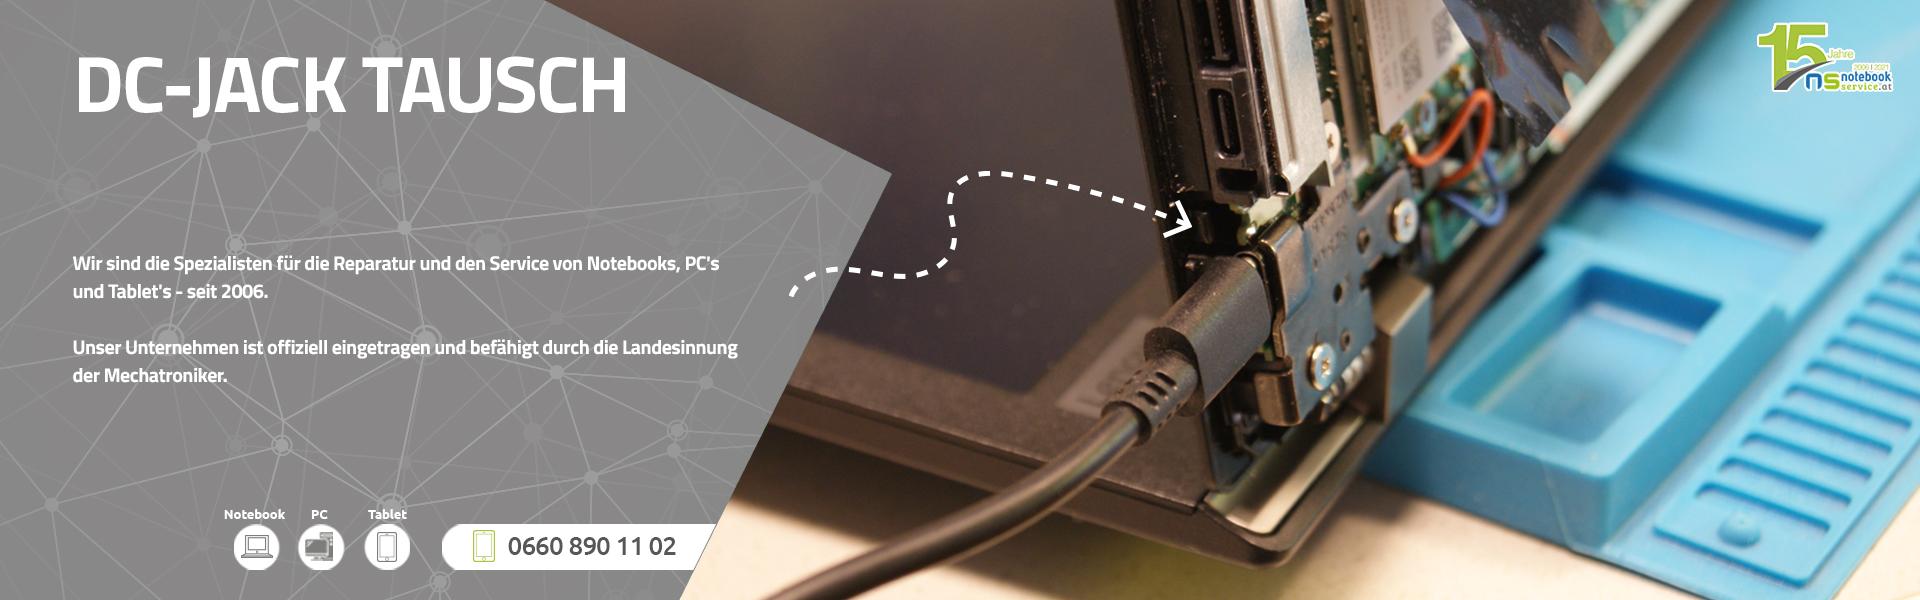 notebook-strombuchsentausch-dcjack